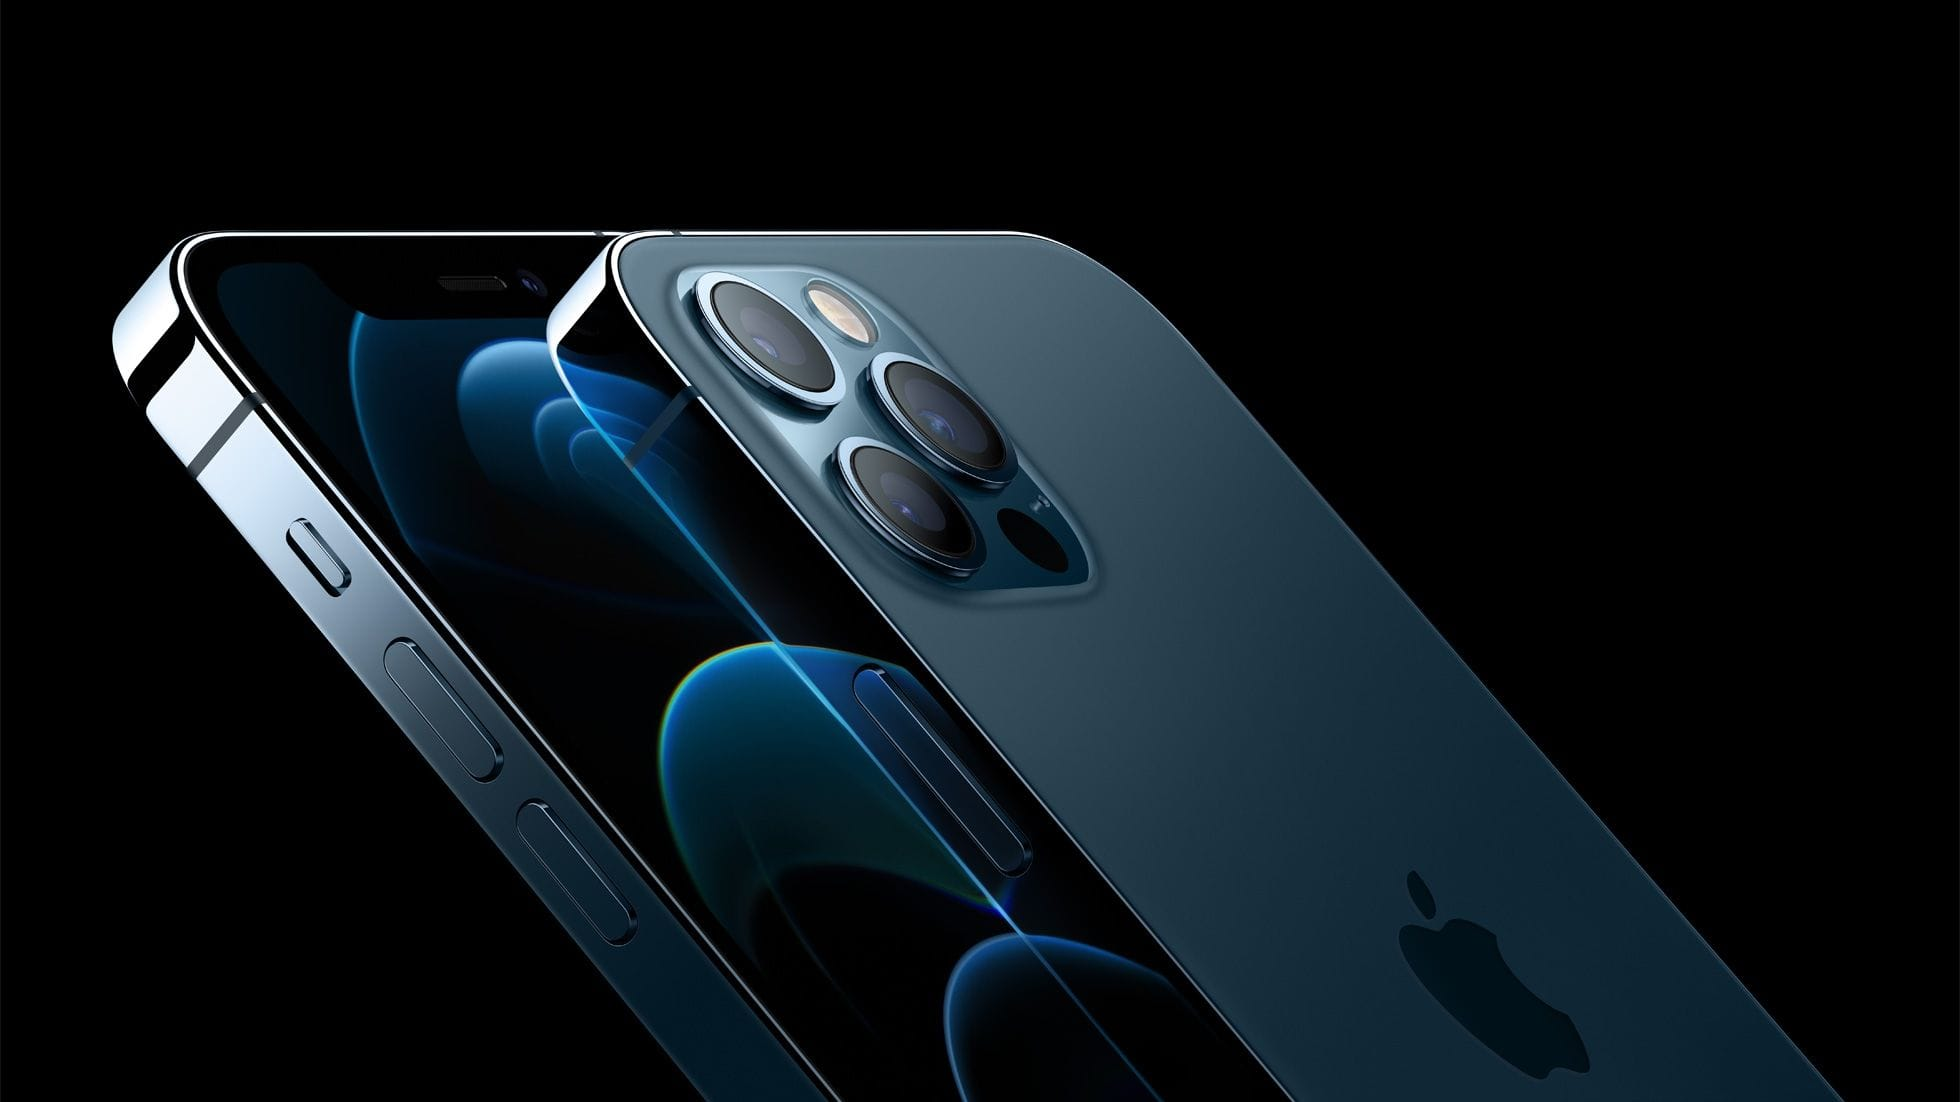 IOS 14.5: मास्क पहनकर iPhone को कर सकेंगे अनलॉक